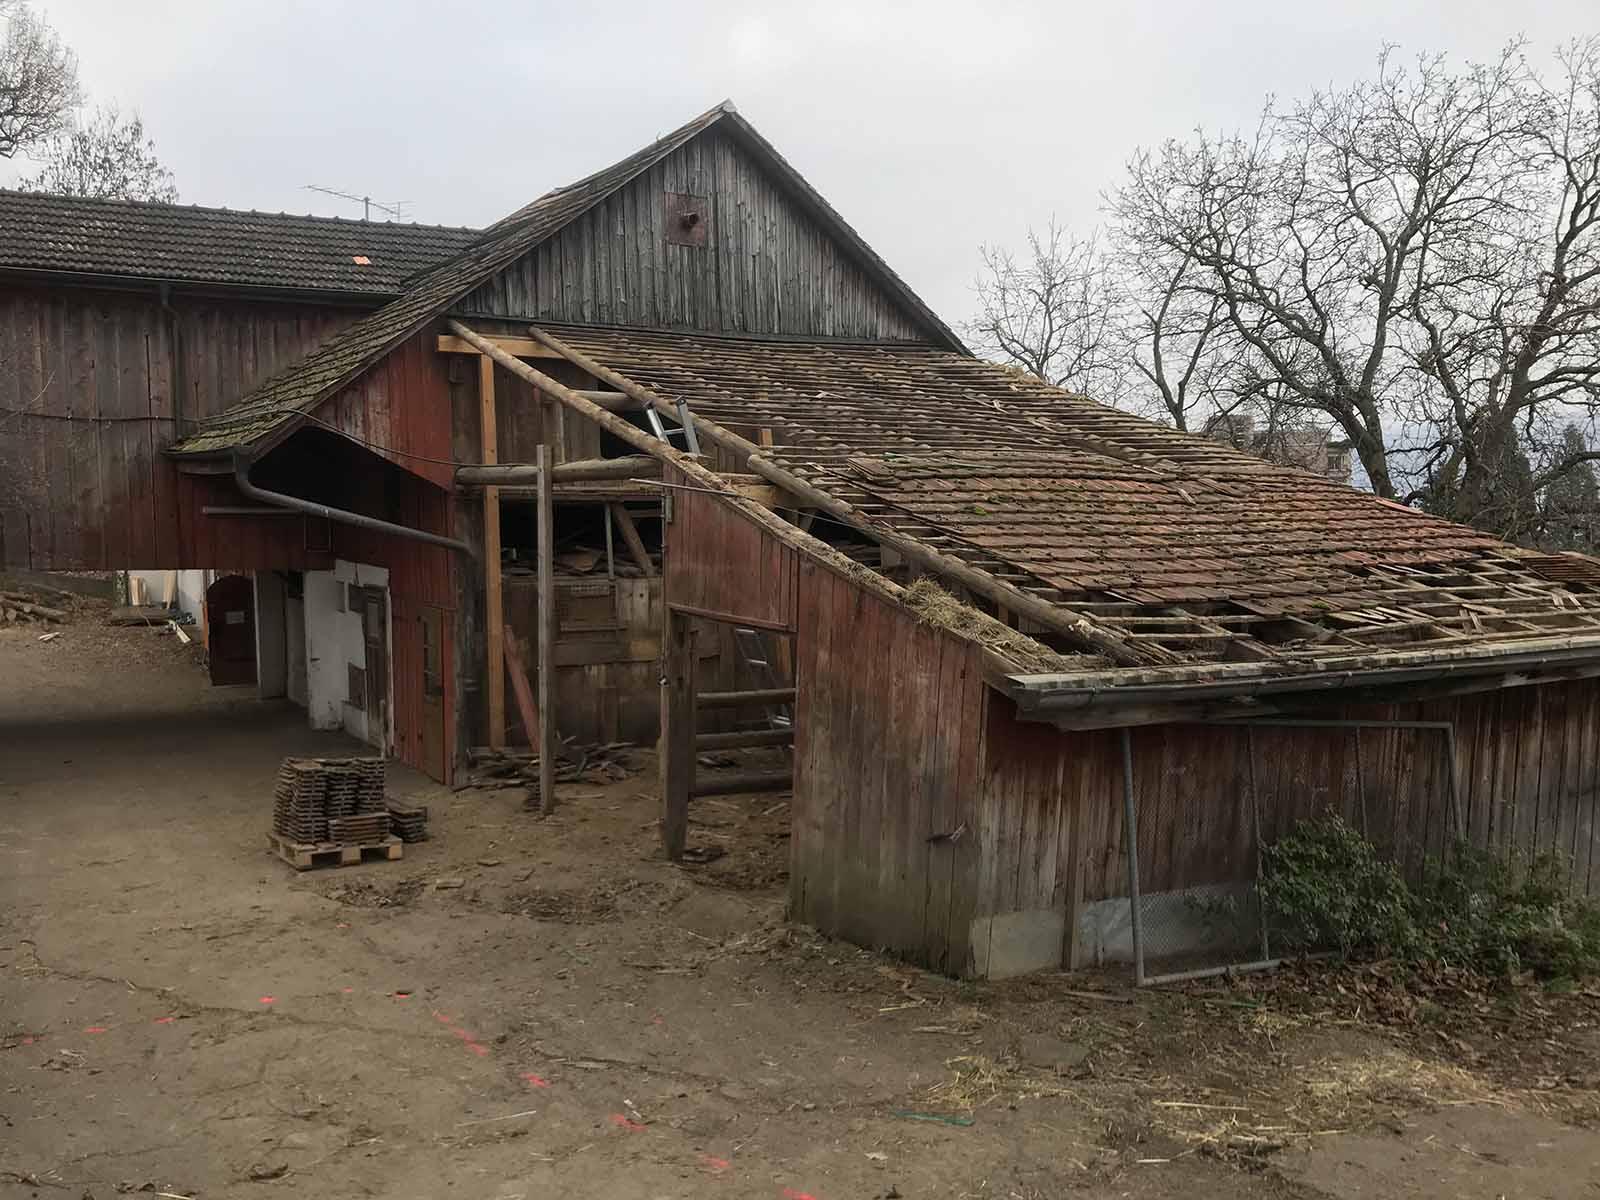 Die Pferde sind umgezogen, das Dach ist bereits weg: Der Umbau hat begonnen.